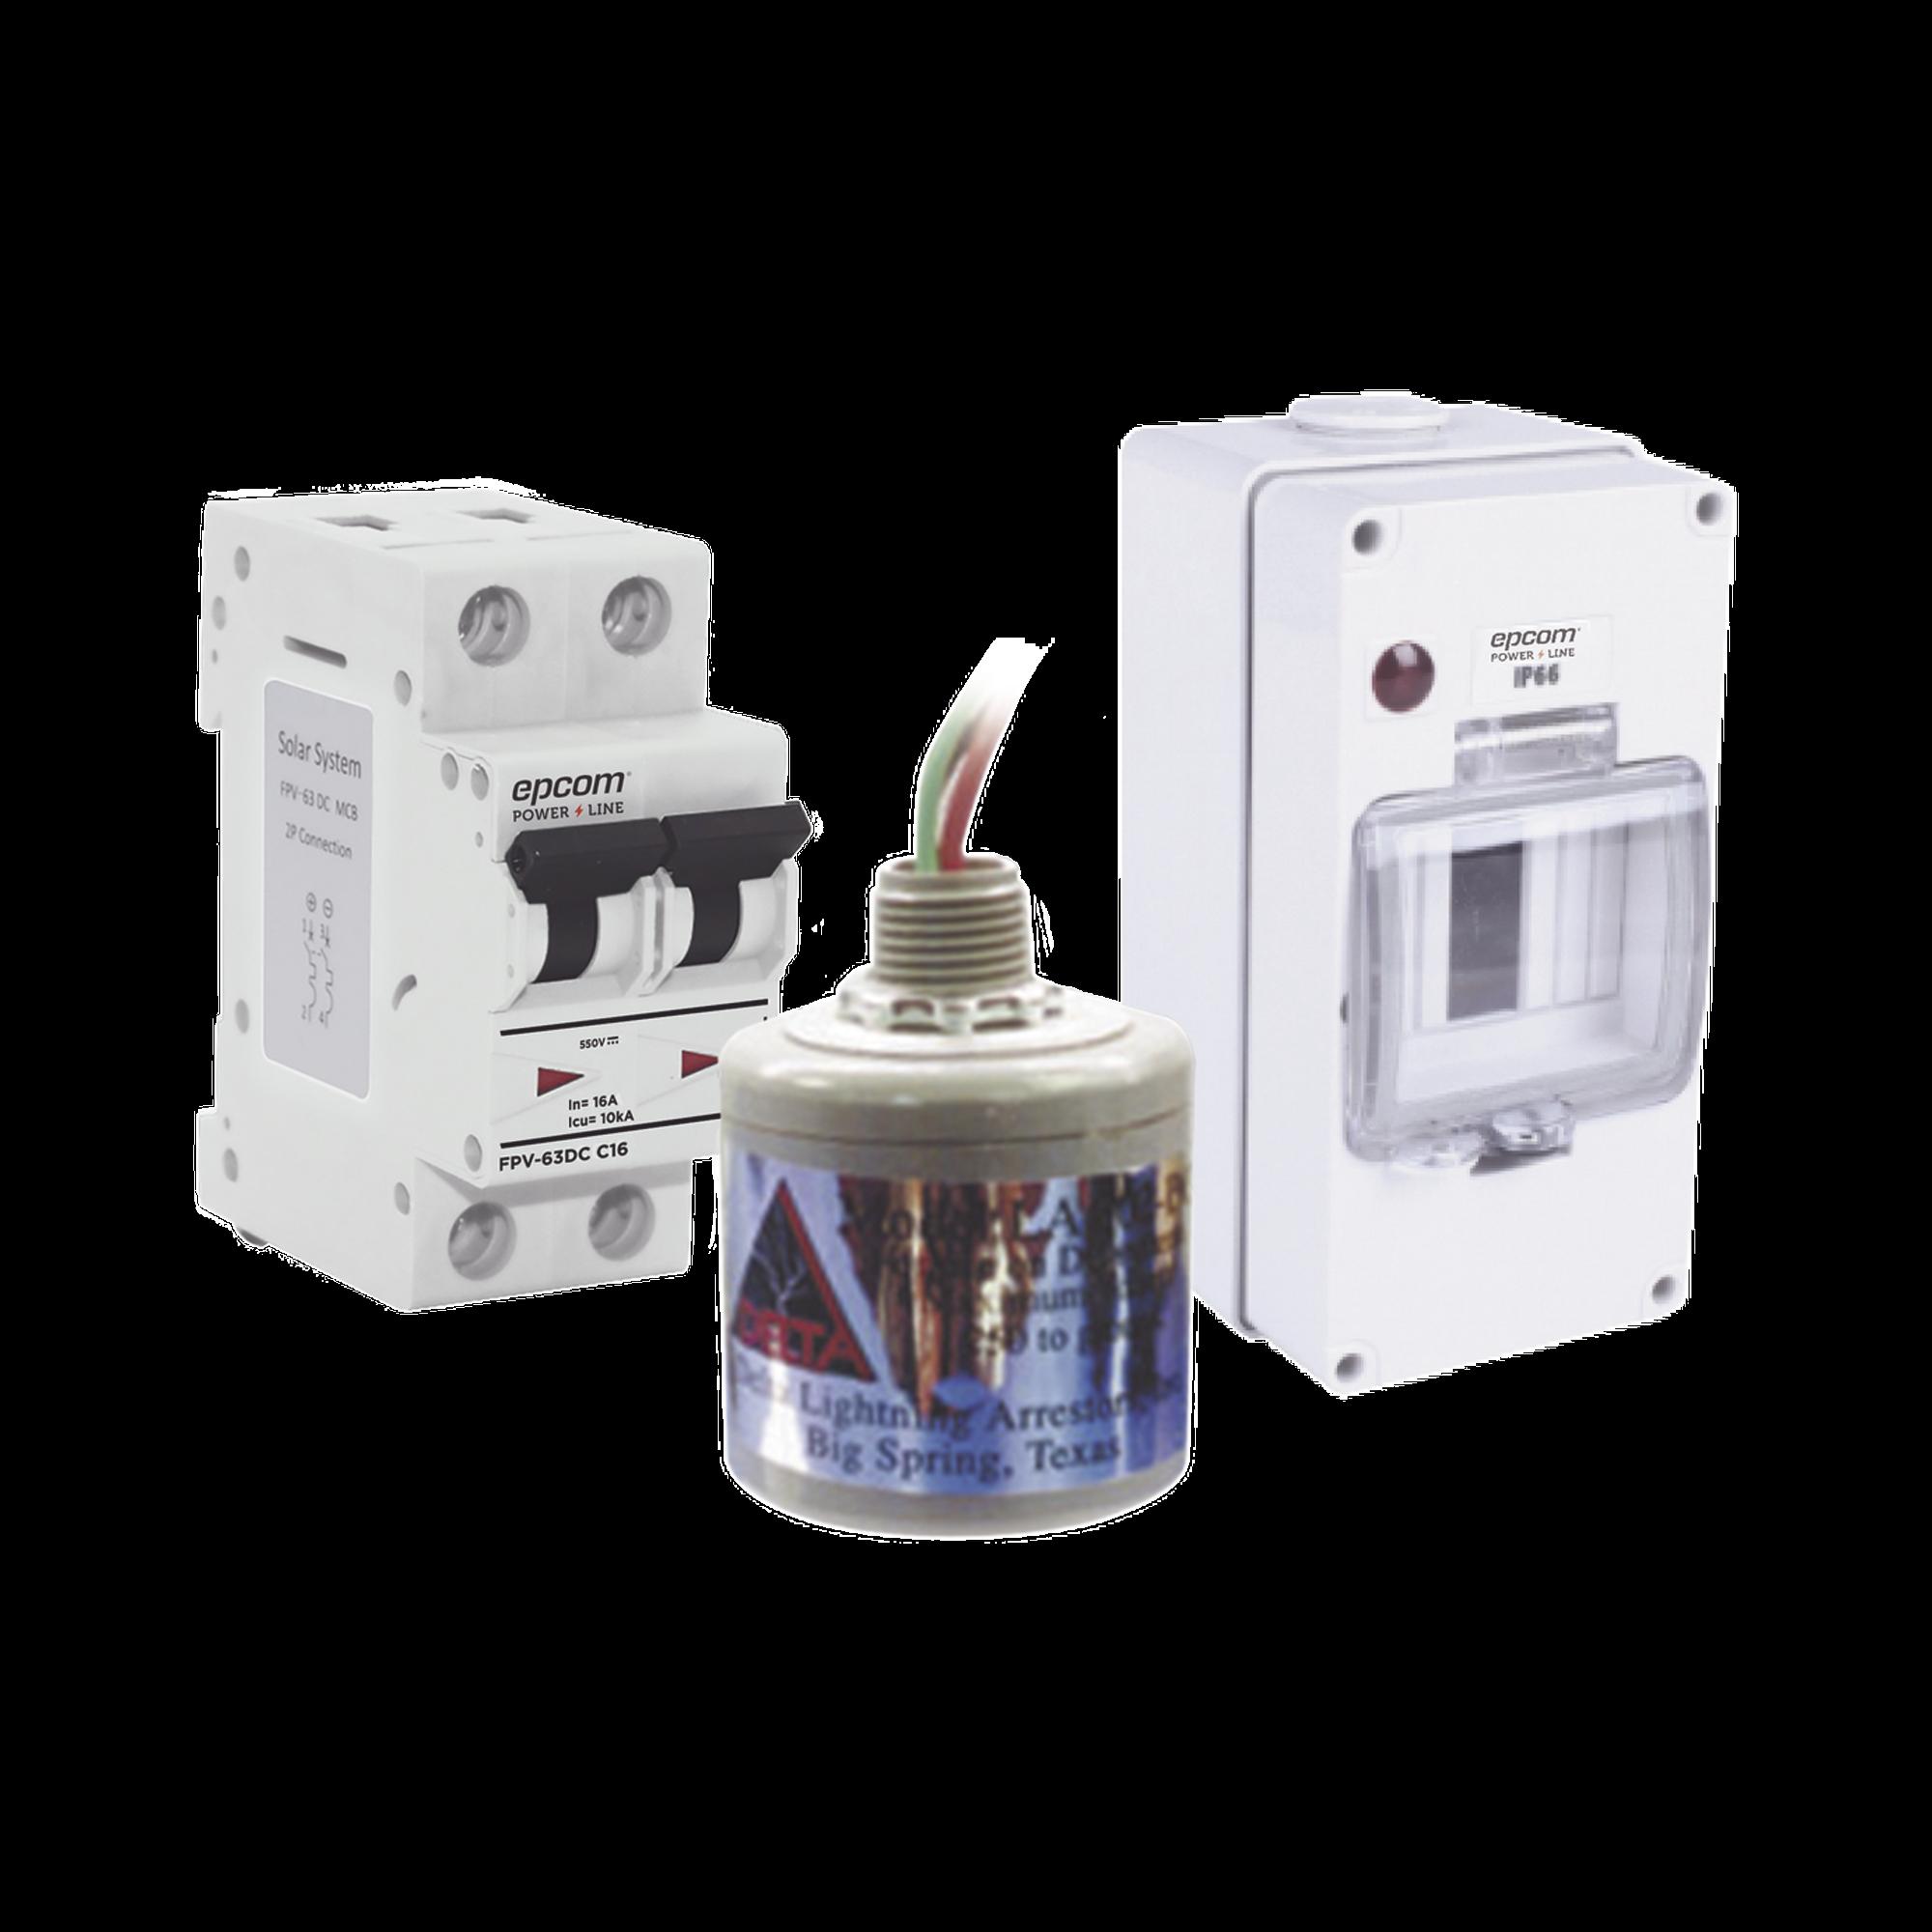 Kit de Centro de Carga Para Corriente Directa, Breaker de hasta  800 Vcd de 16 A con Supresor de Descargas Atmosféricas.